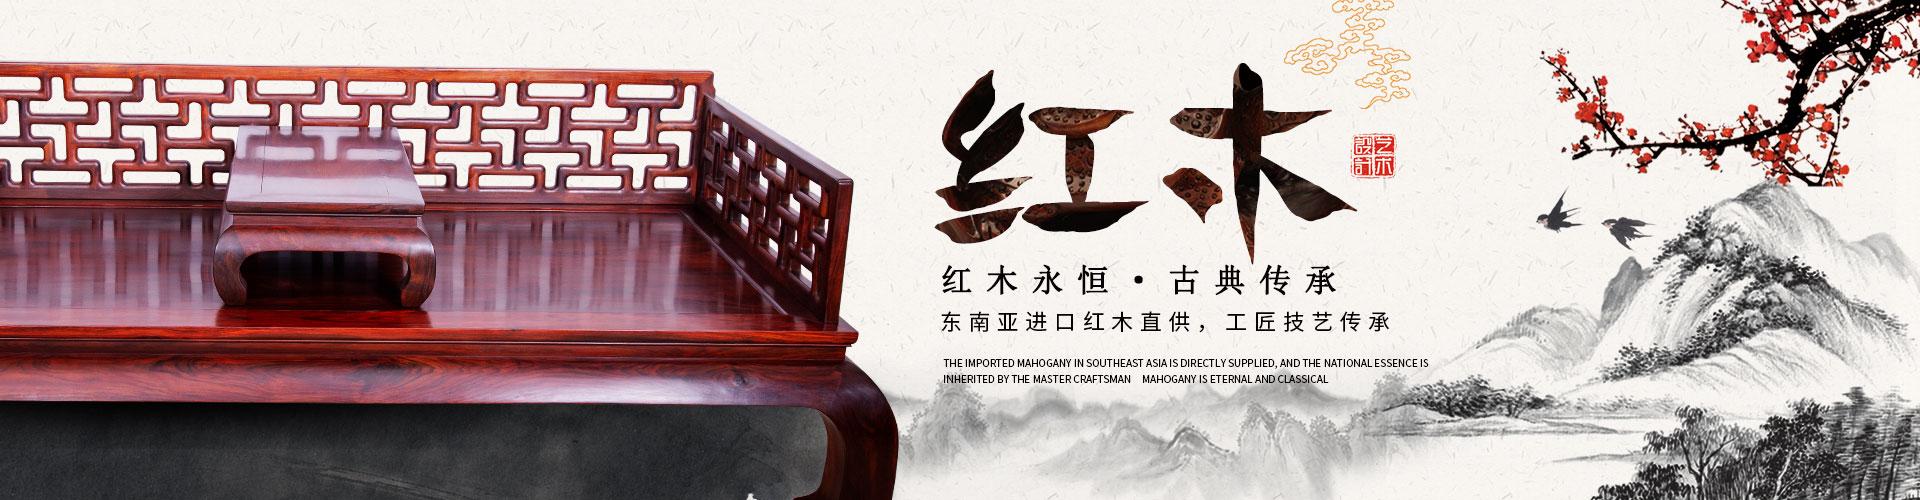 清宝阁-红木永恒,古典传承